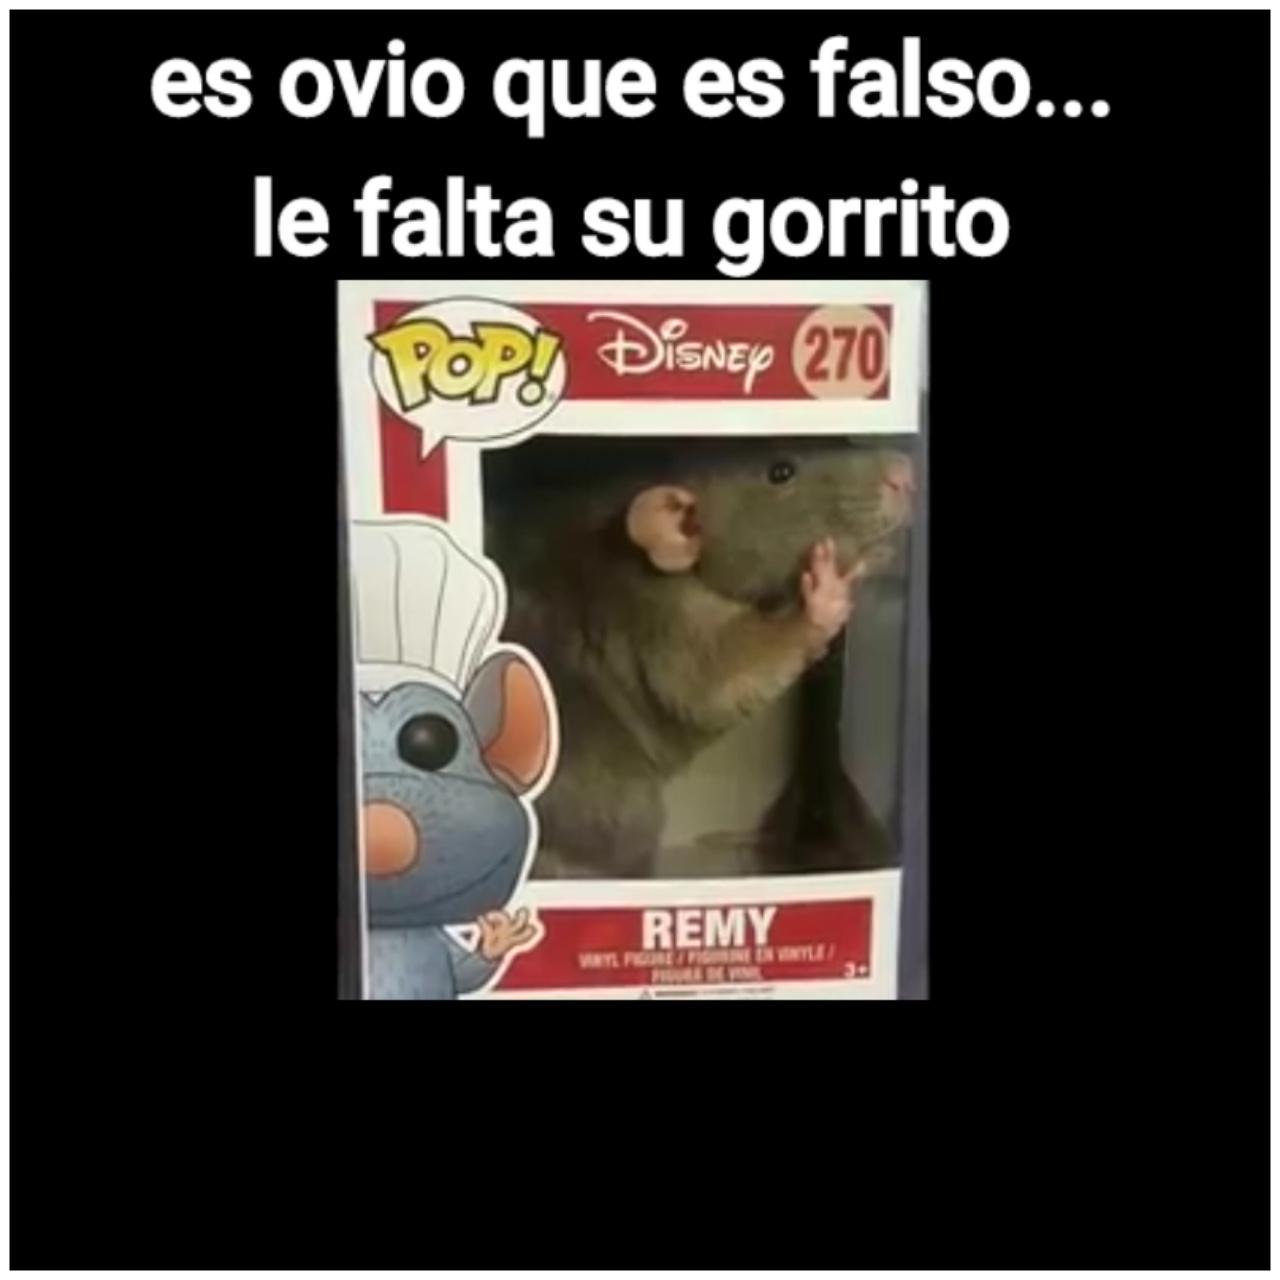 Mas falso que mar en bolivia...xd - meme